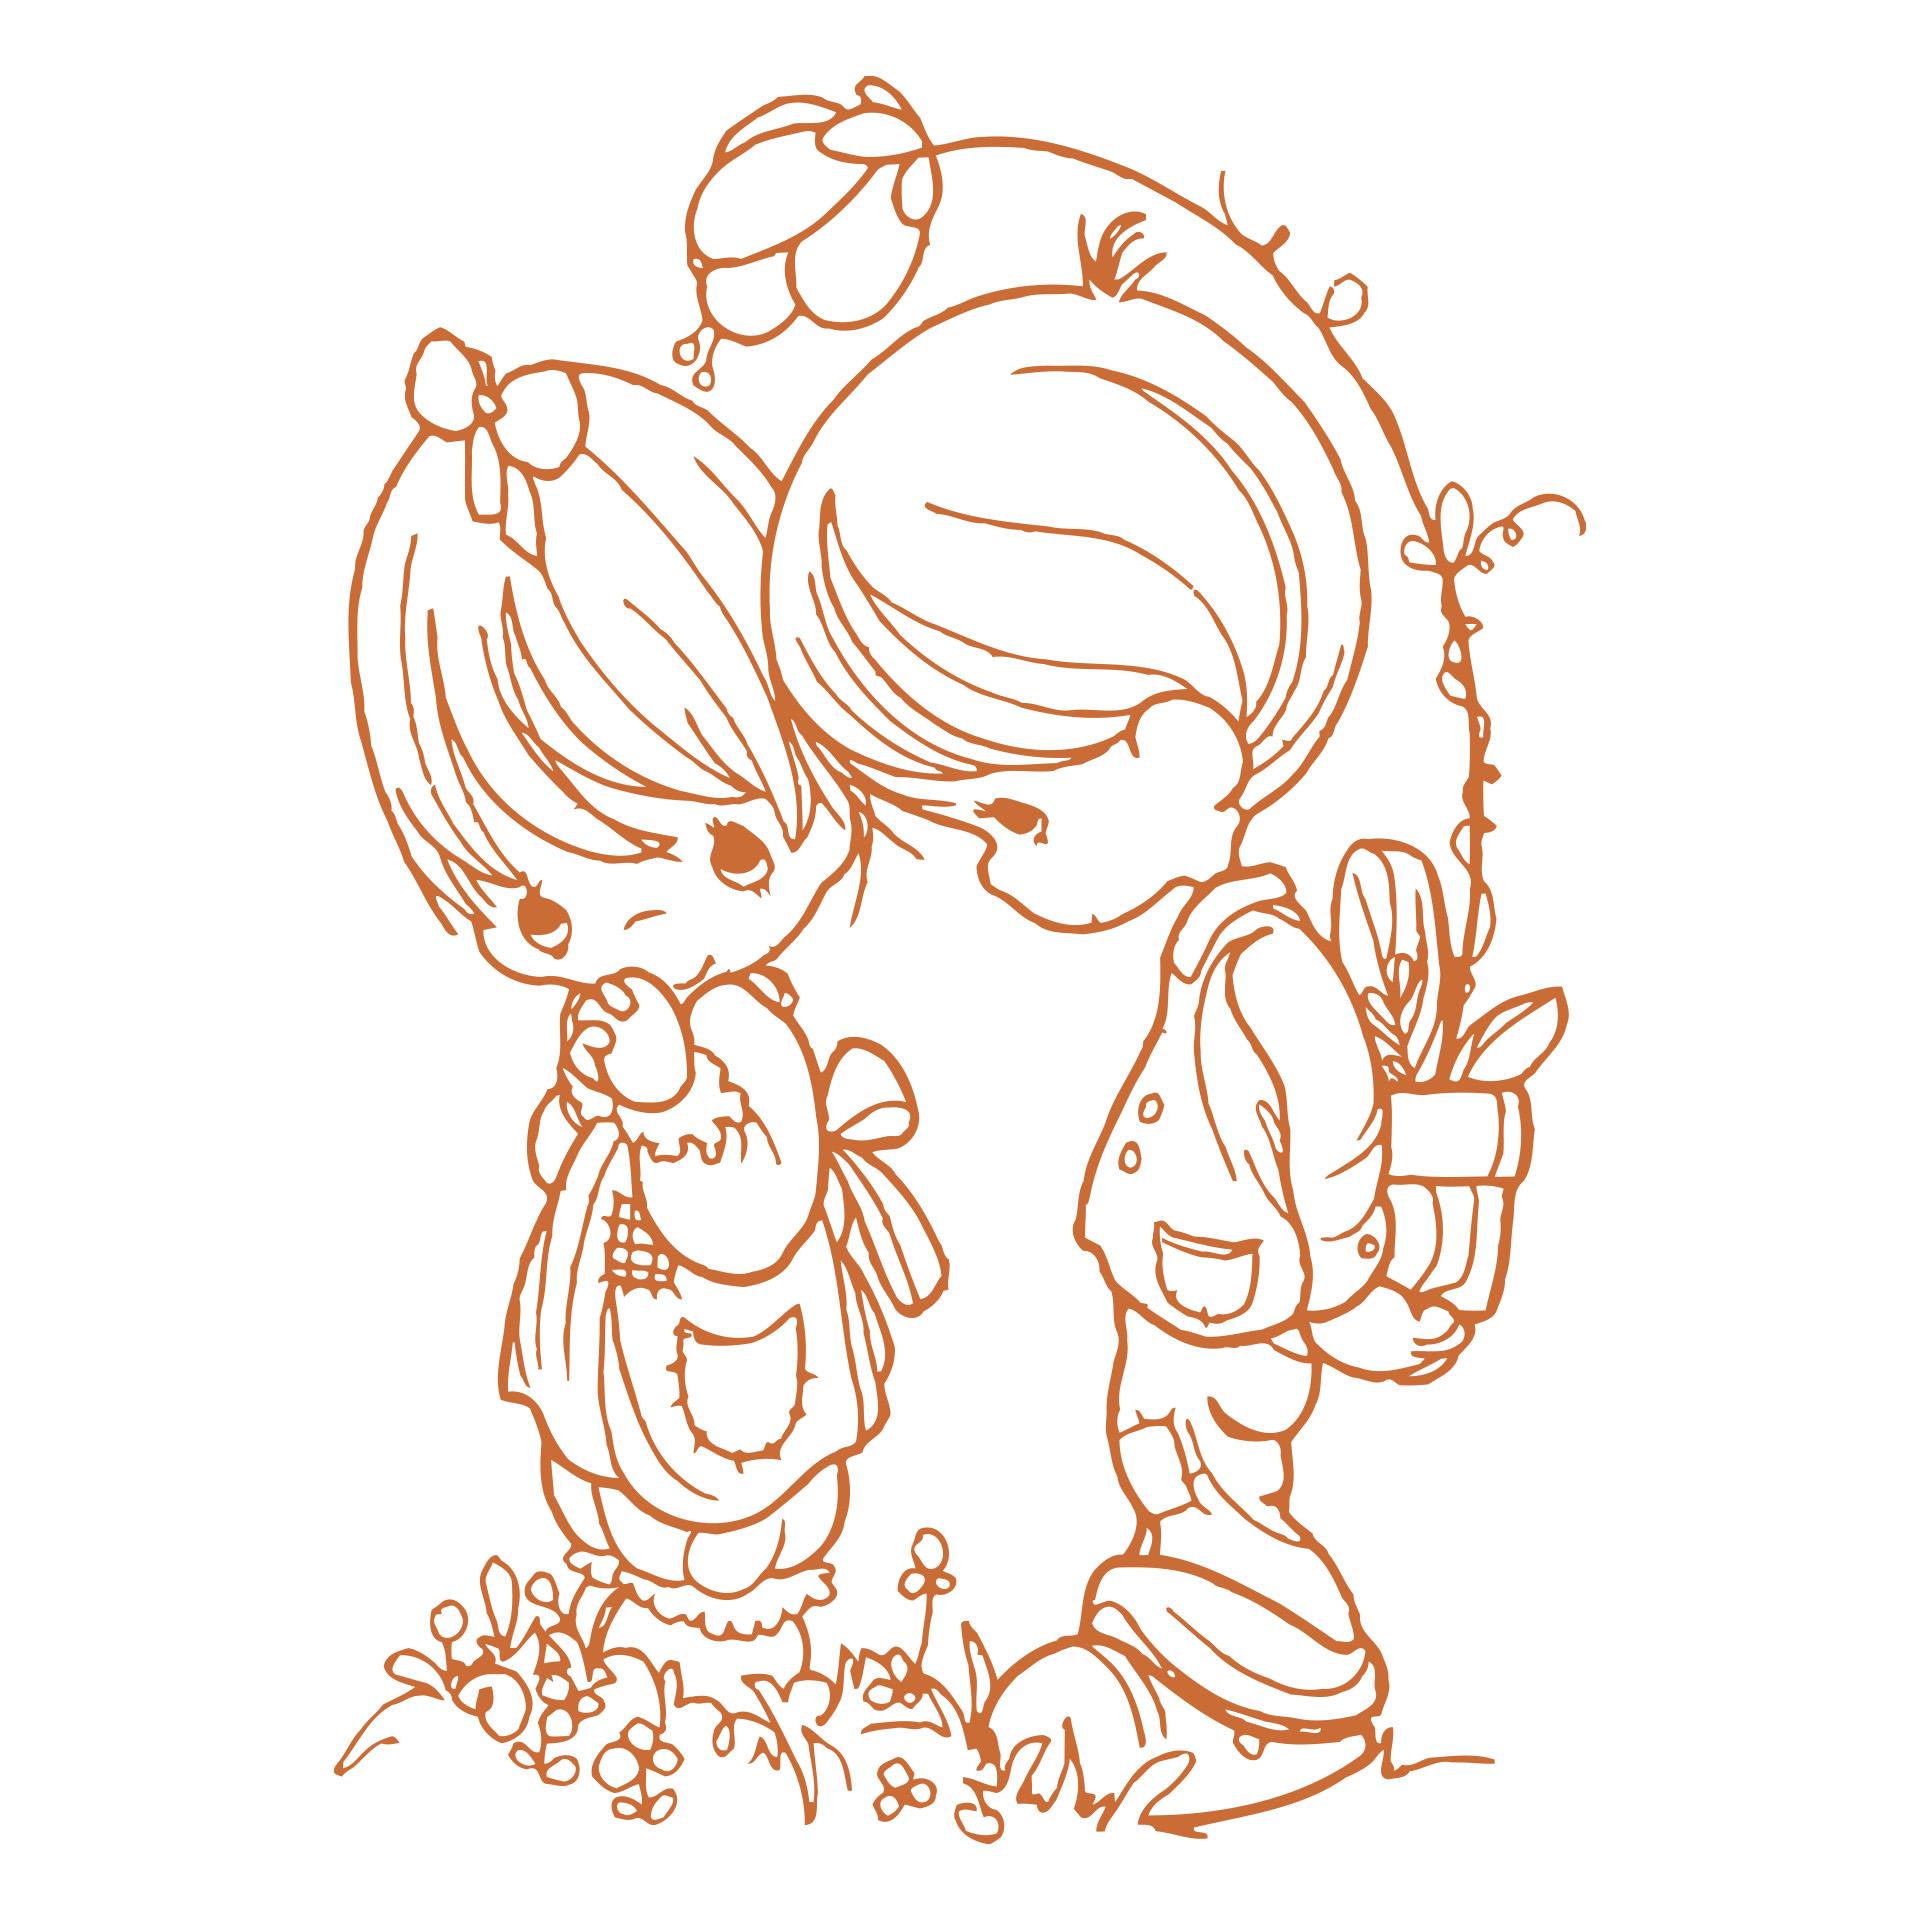 Herz Gravur Individuell Geschenk Liebe Geschenke Valentienstag Liebe Paar Pärchen Für Ihn Für Sie for him for her Herz Laser Individuell Speziell Wunsch Darstellung Holz Beschenken Holz Buche Schwarz Liebe ist